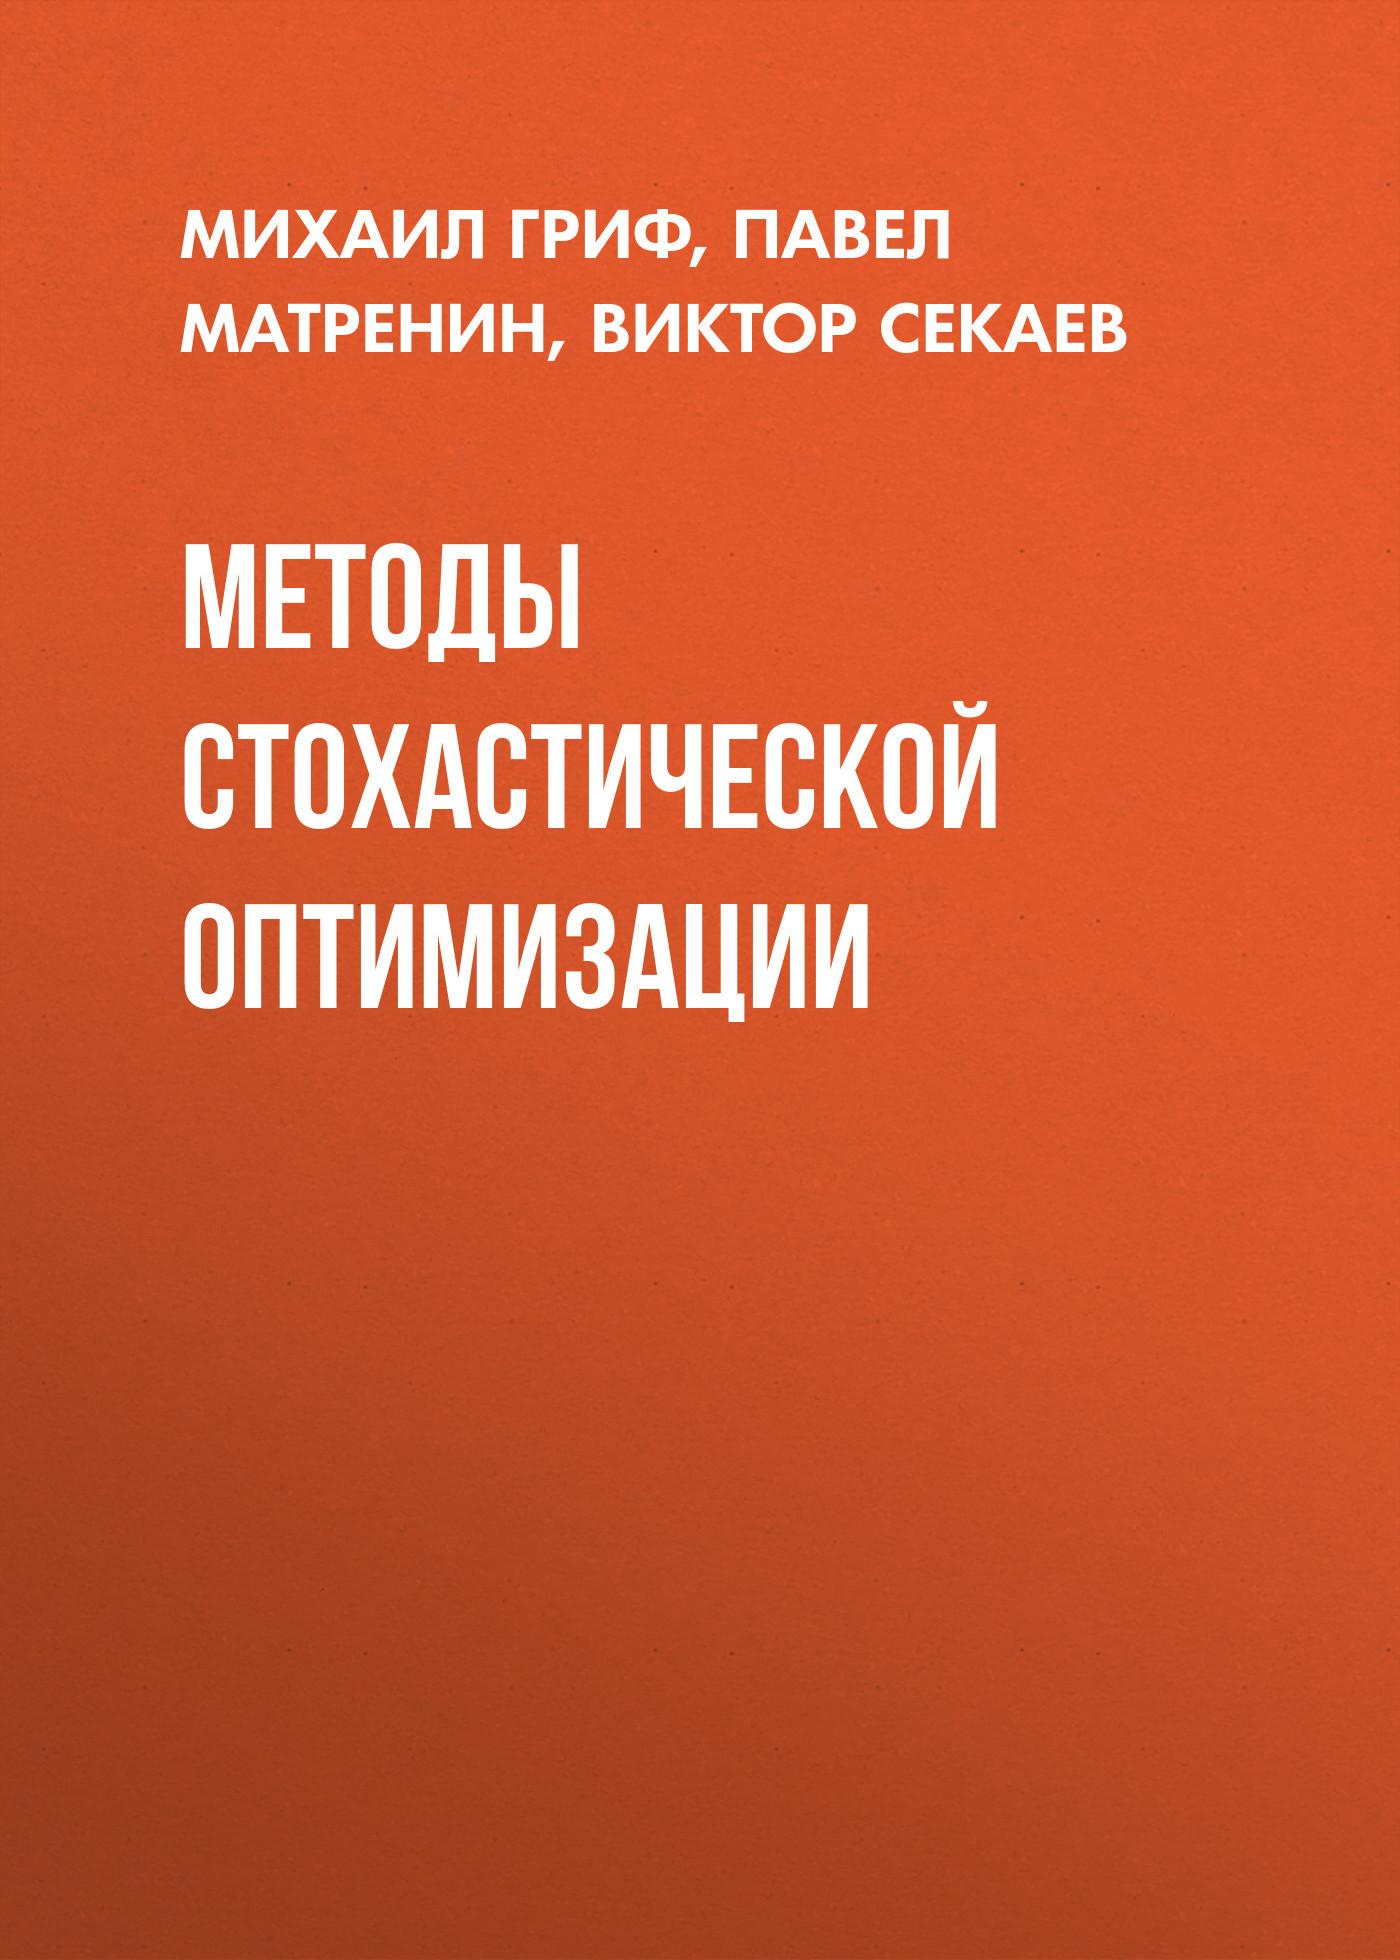 Михаил Гриф Методы стохастической оптимизации исследование операций и методы оптимизации учебное пособие